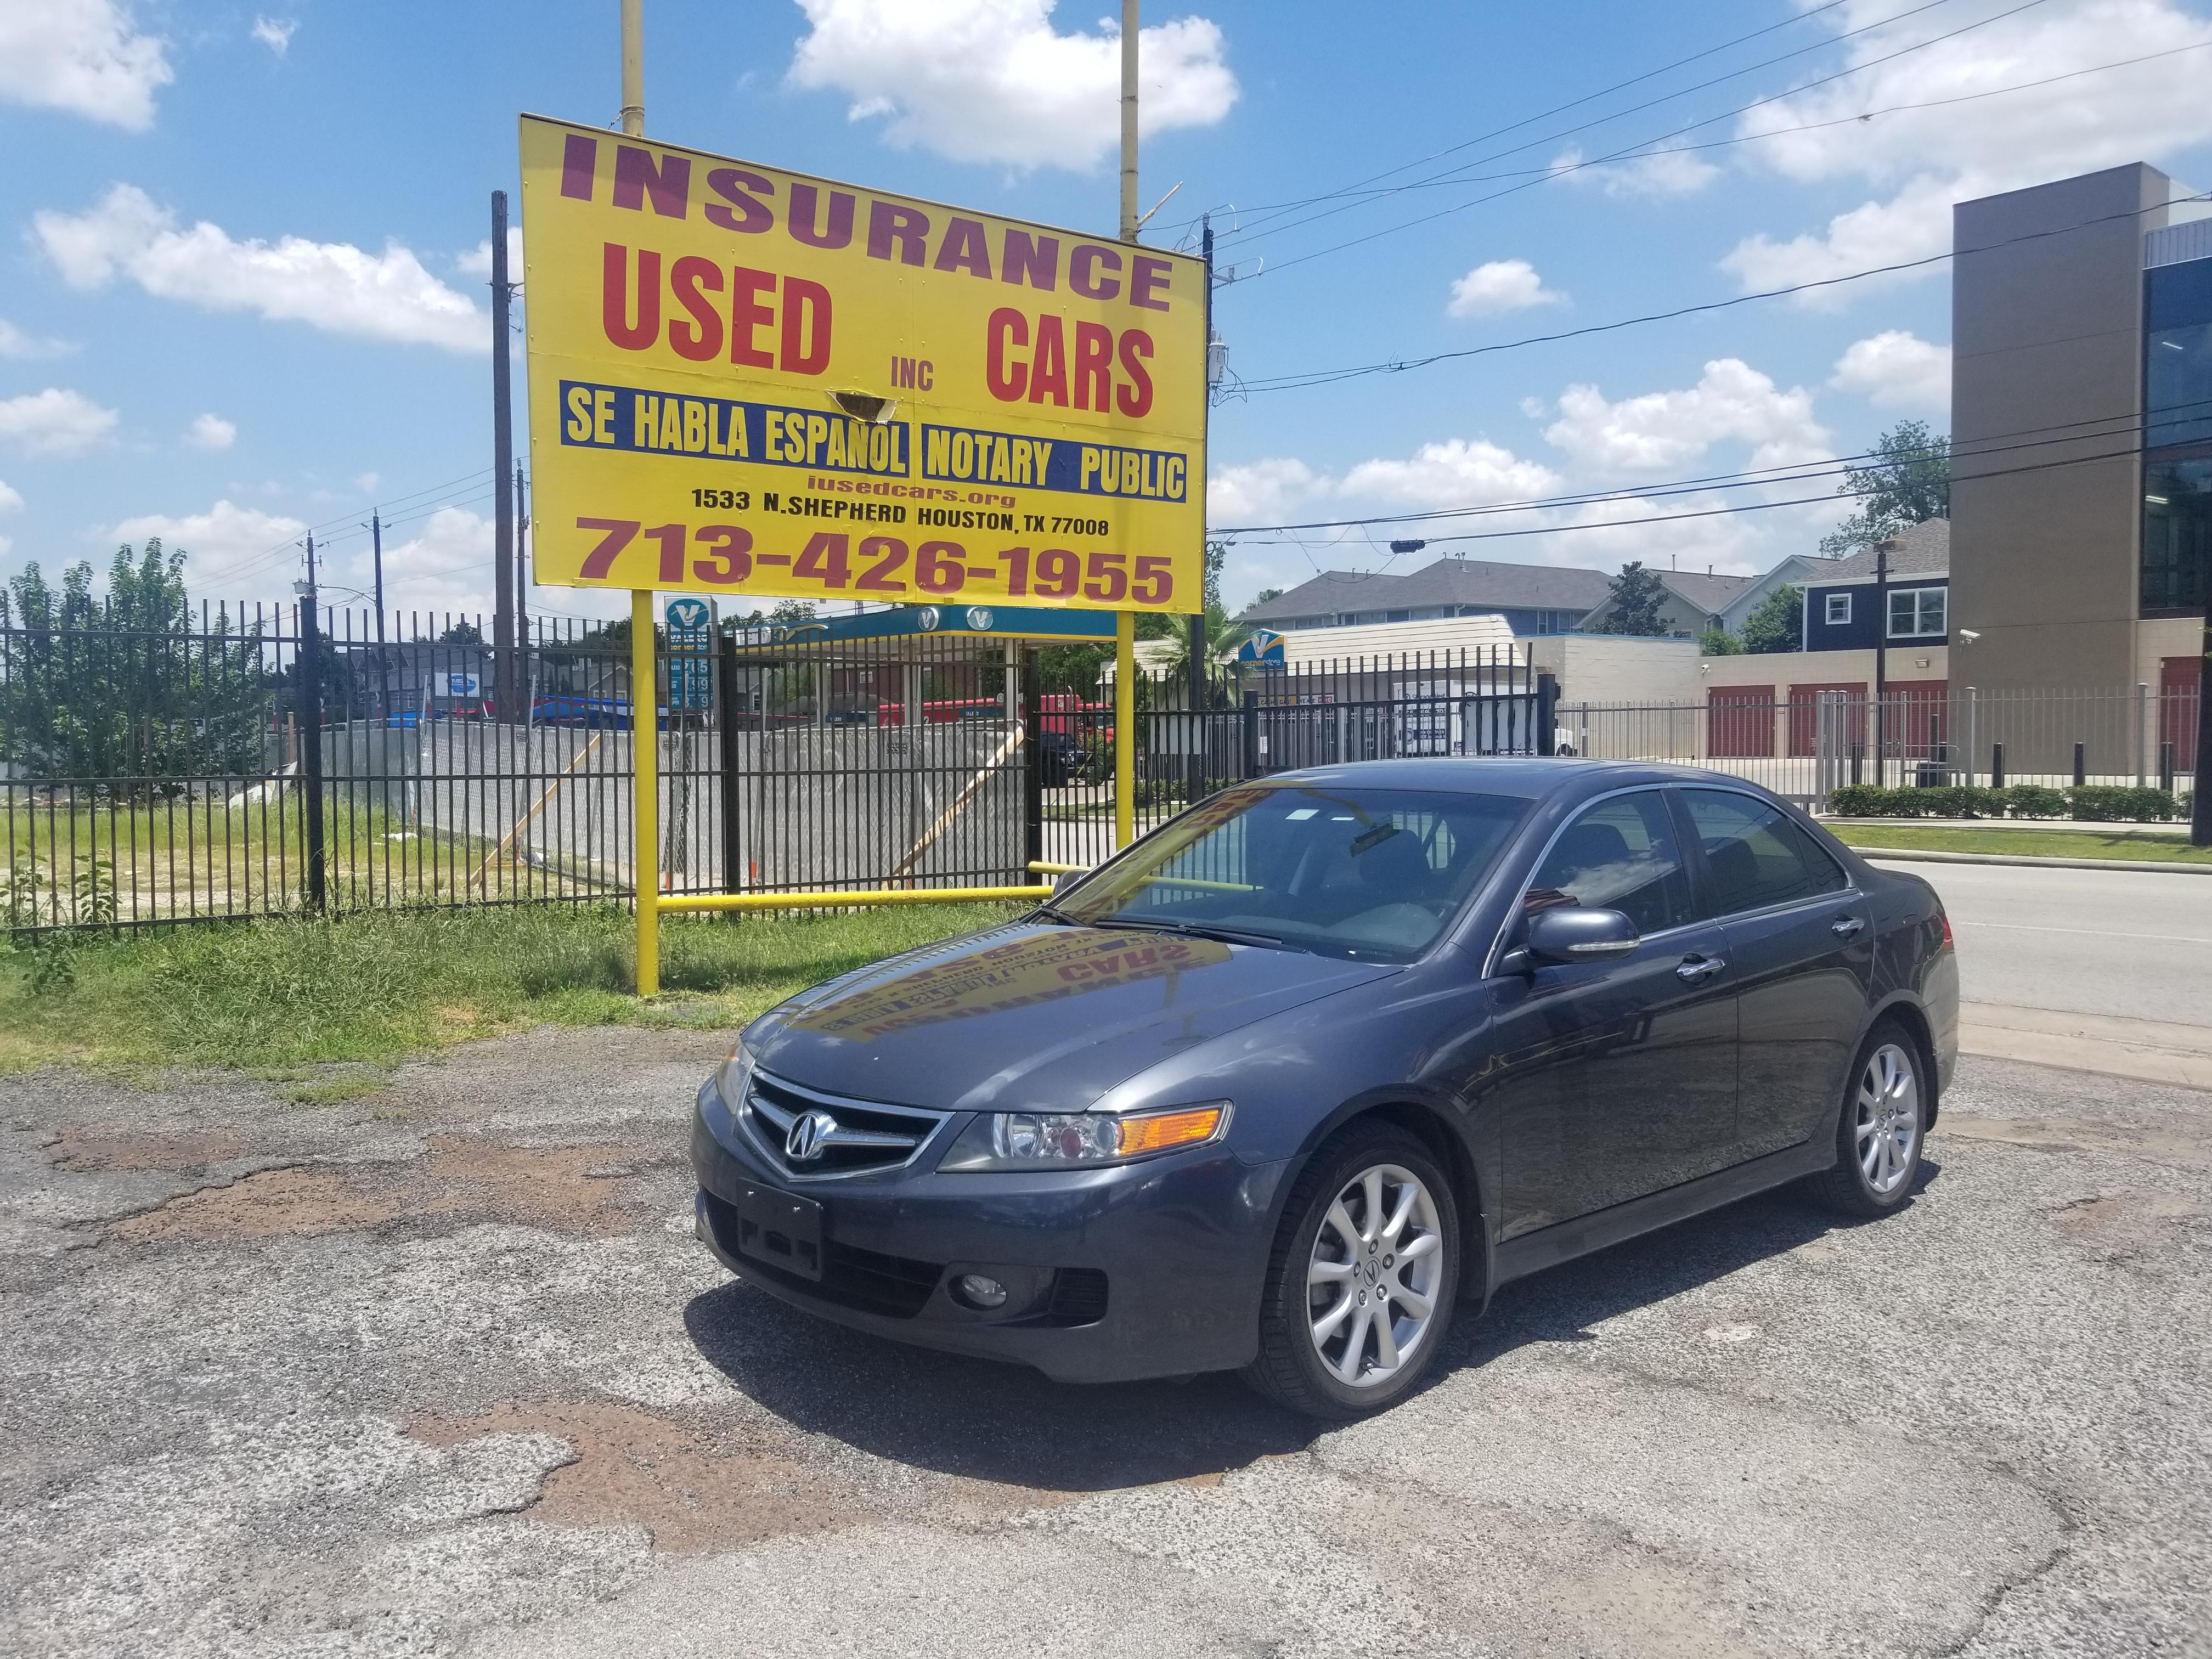 Grey Acura TSX Insurance Used Cars Inc - Acura insurance